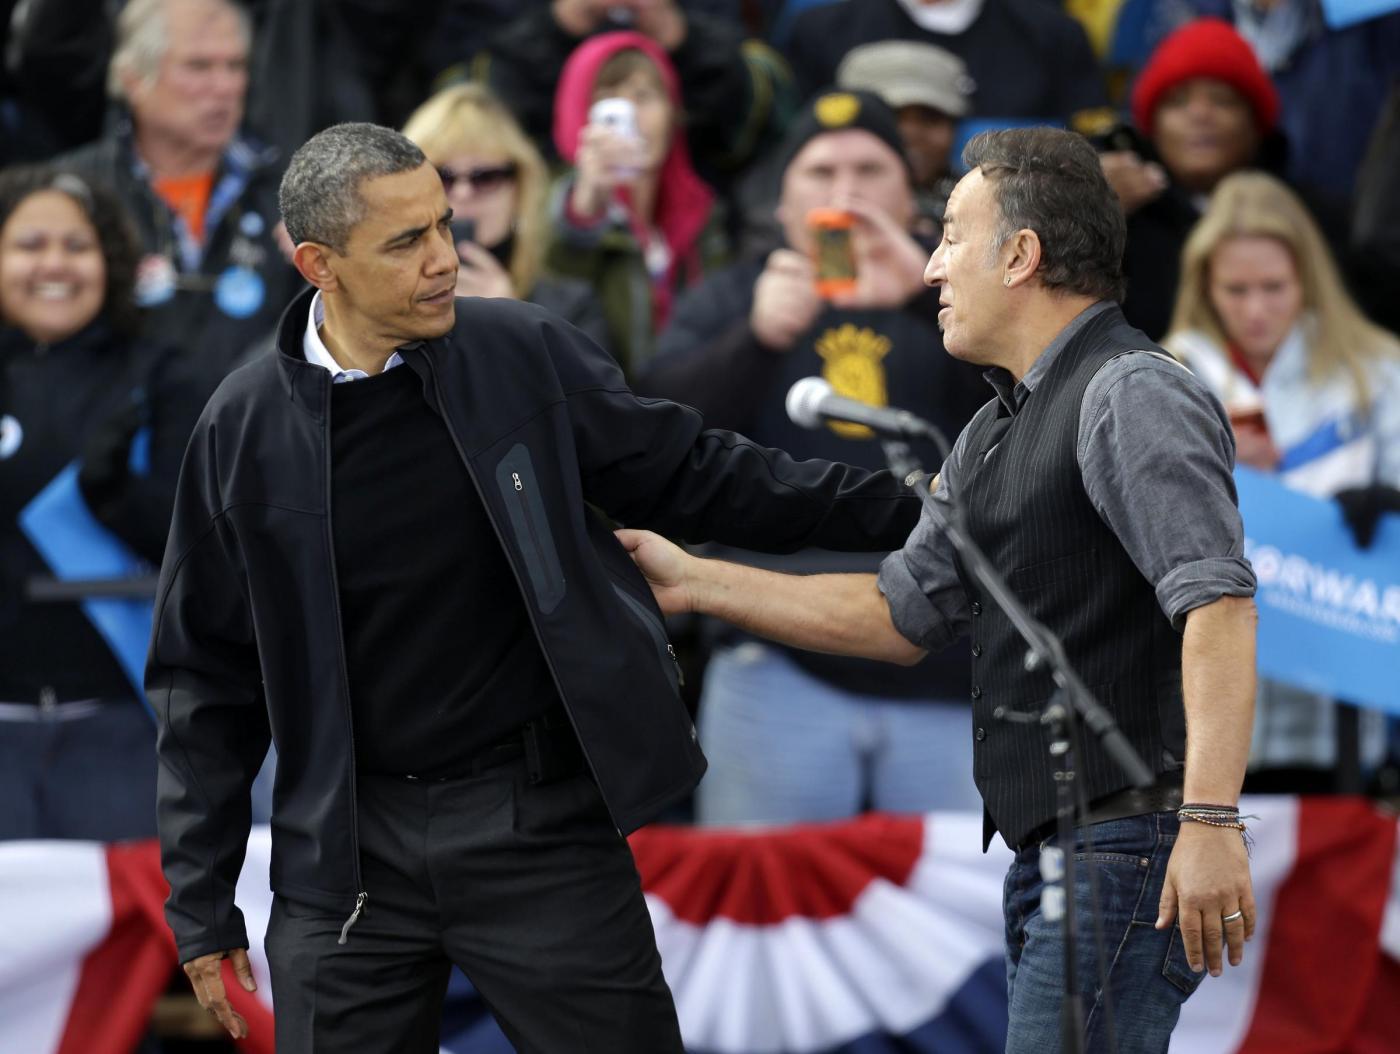 Elezioni USA, Bruce Springsteen suona per Obama06